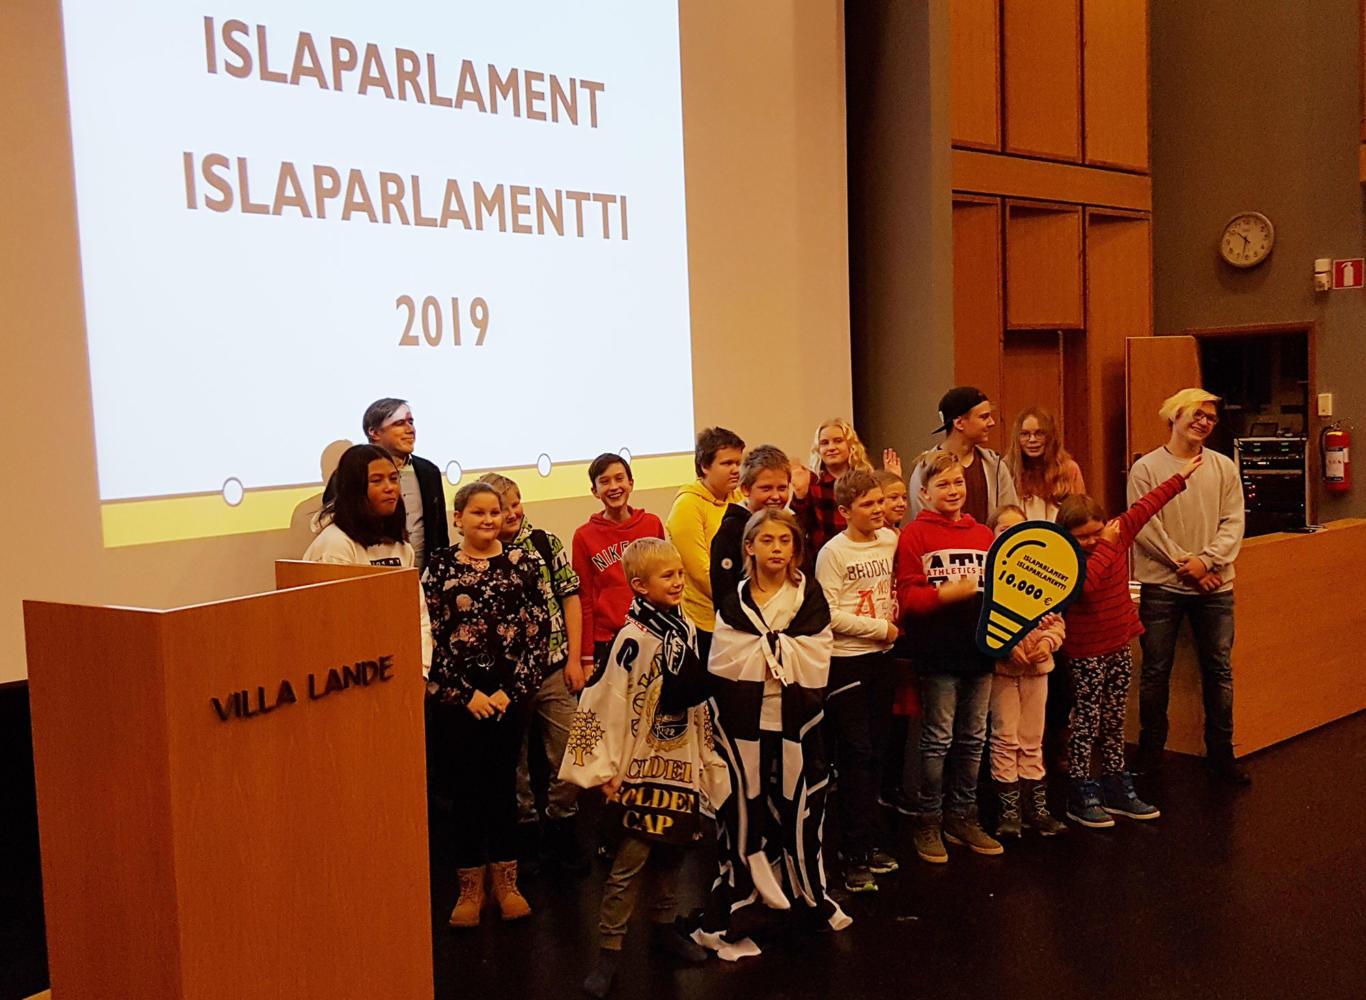 Islaparlamentet2019_20191120_103329